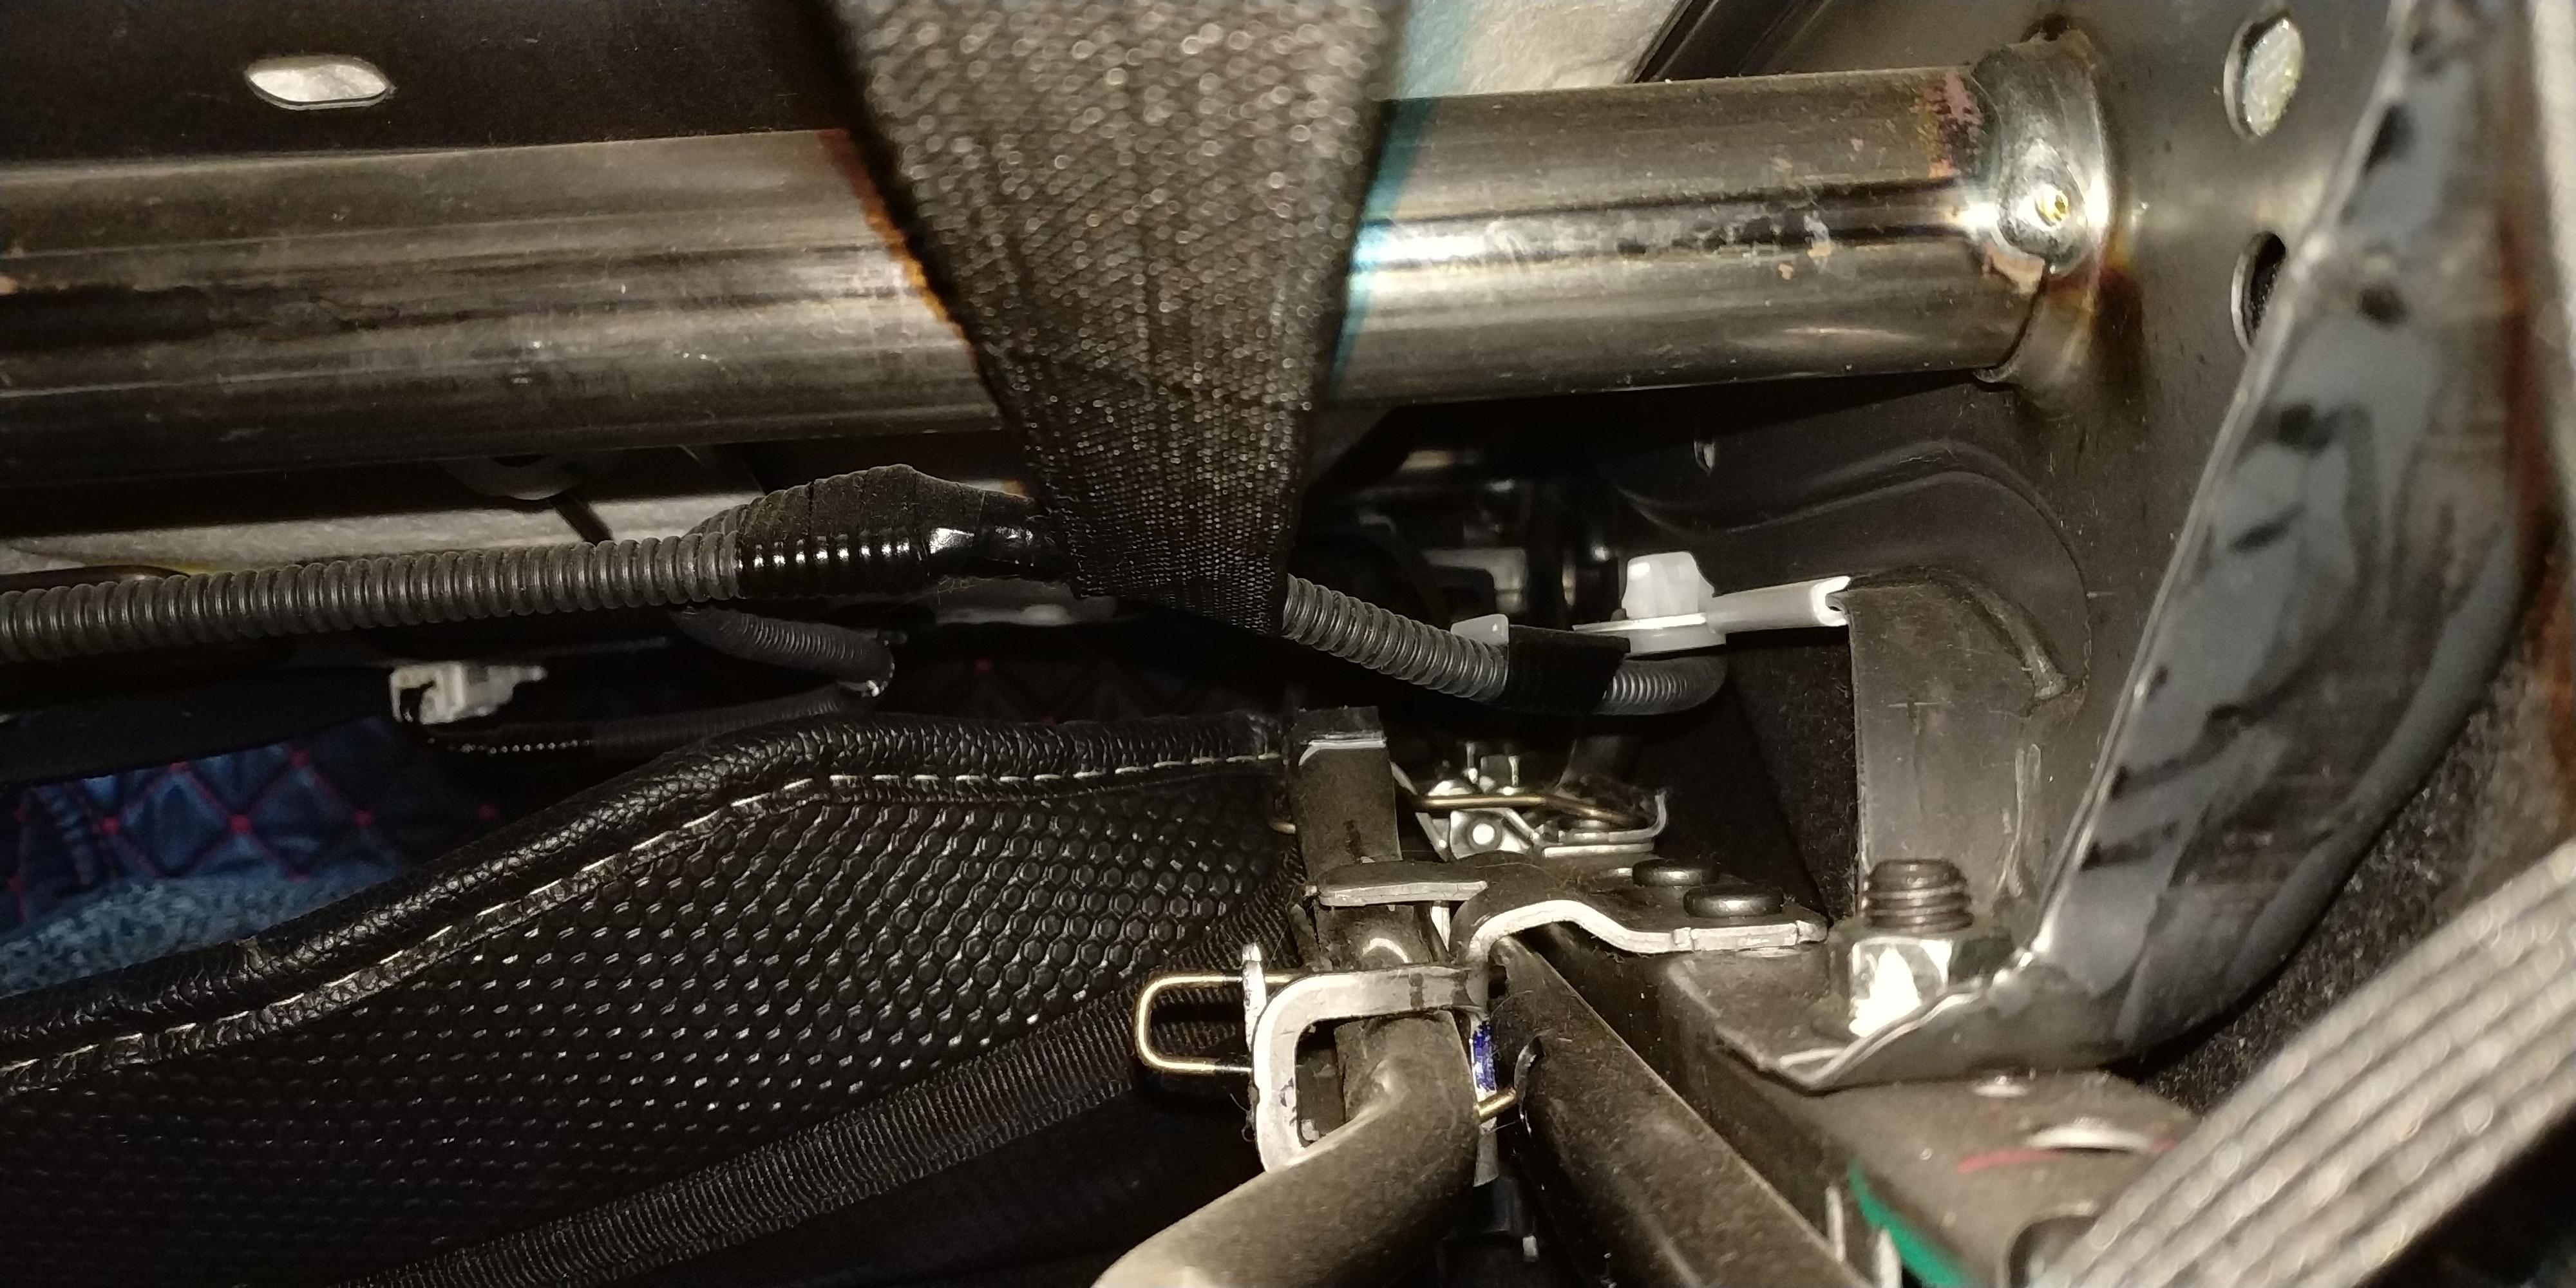 丰田-卡罗拉 方向管柱、座椅下方连接杆等位置无故生锈